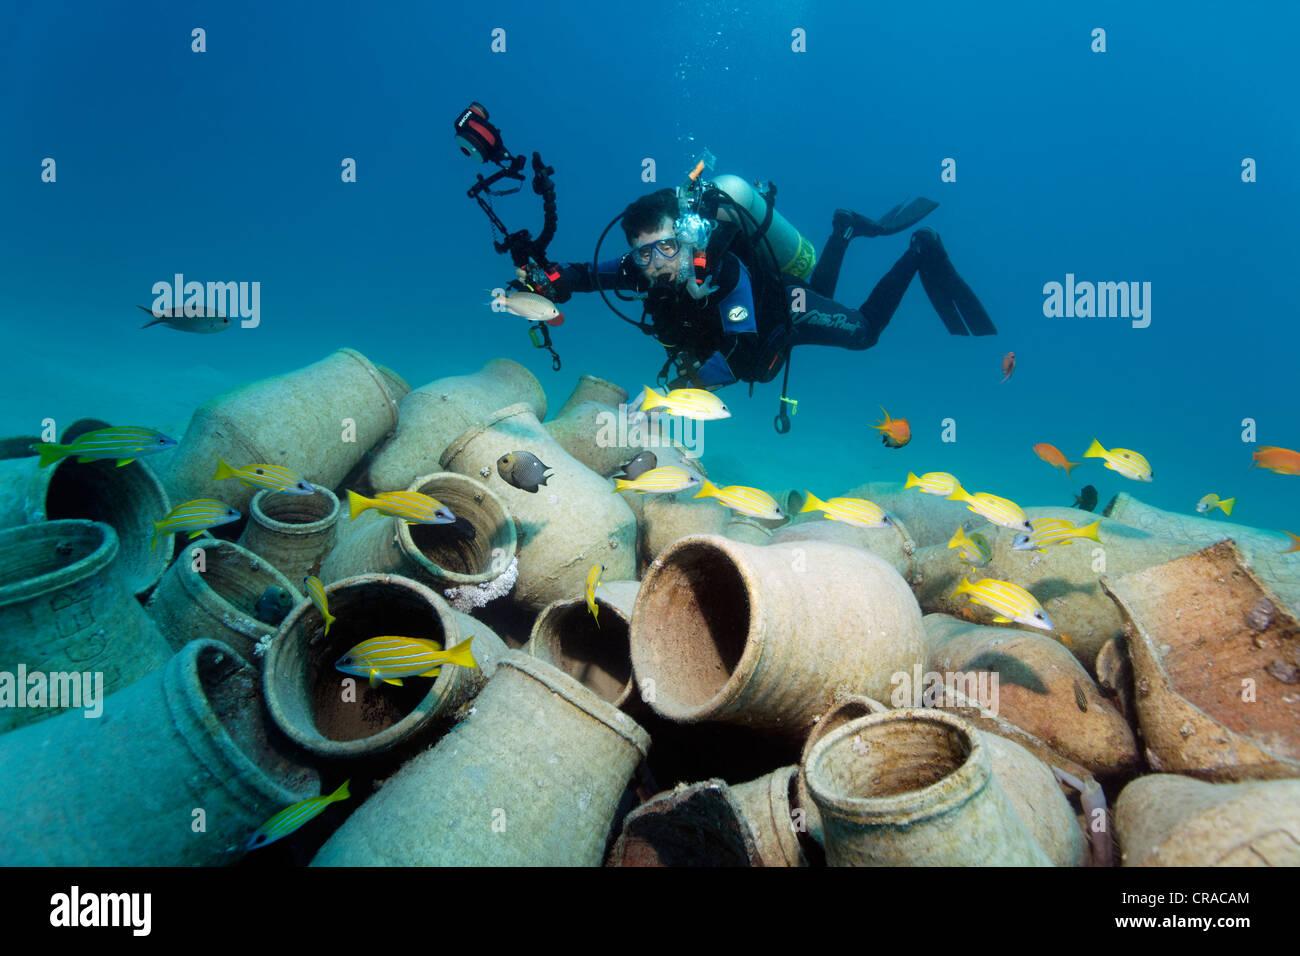 Taucher Mit Unterwasser Kamera Betrachten Amphoren Und Fische